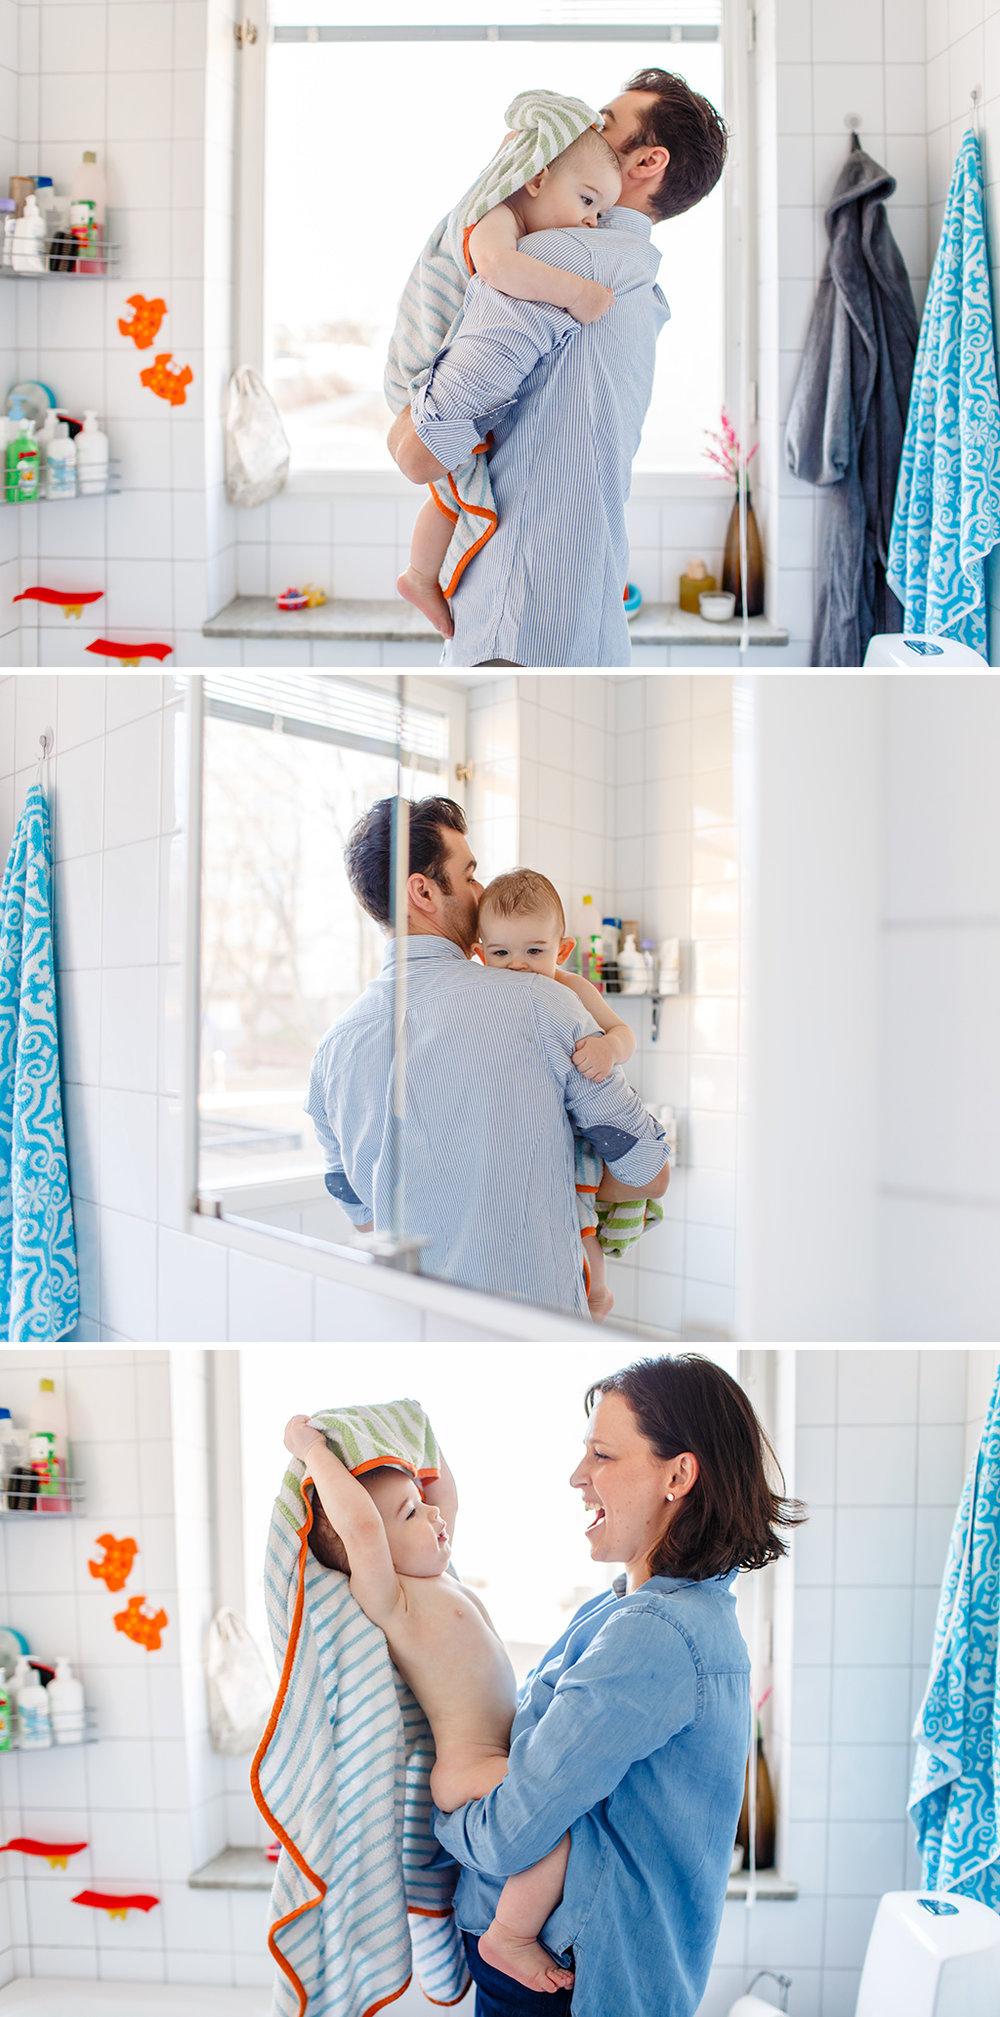 Hemma-hos-fotografering_Familjefotograf_Stockholm_Anna-Sandstrom_16 (kopia).jpg